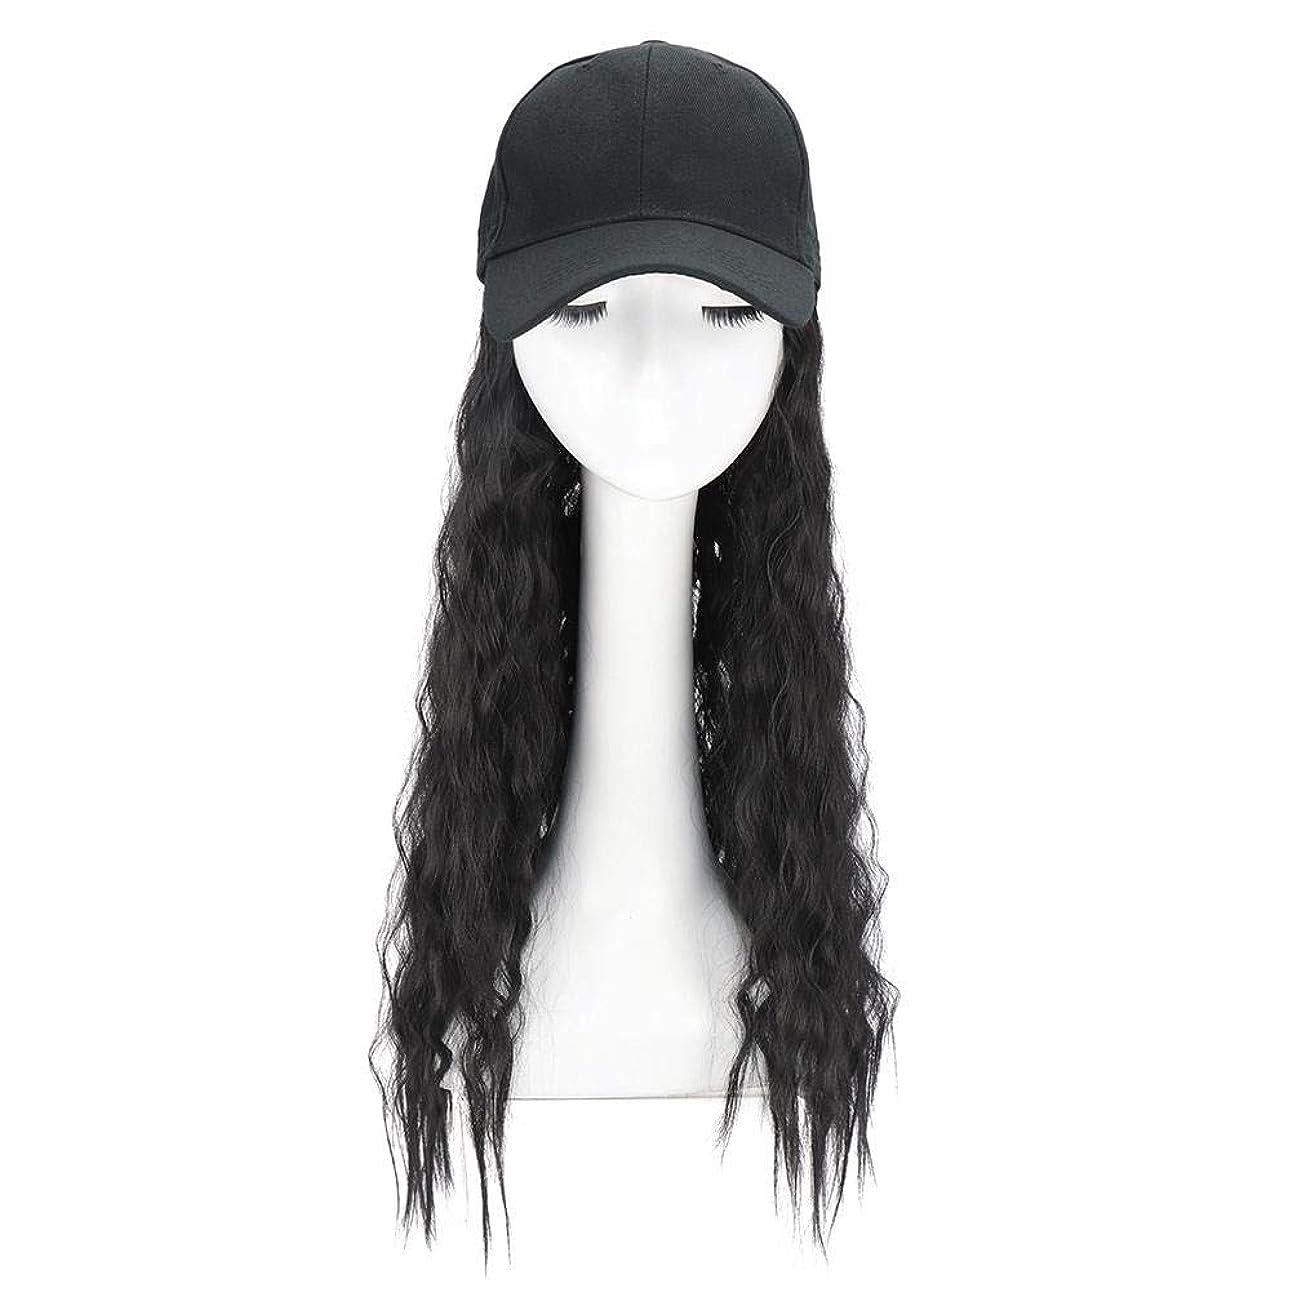 ゴージャスセーブ庭園Brill(ブリーオ)帽子ロングカーリーウェーブ女性ファッション野球帽ブラックウィッグ